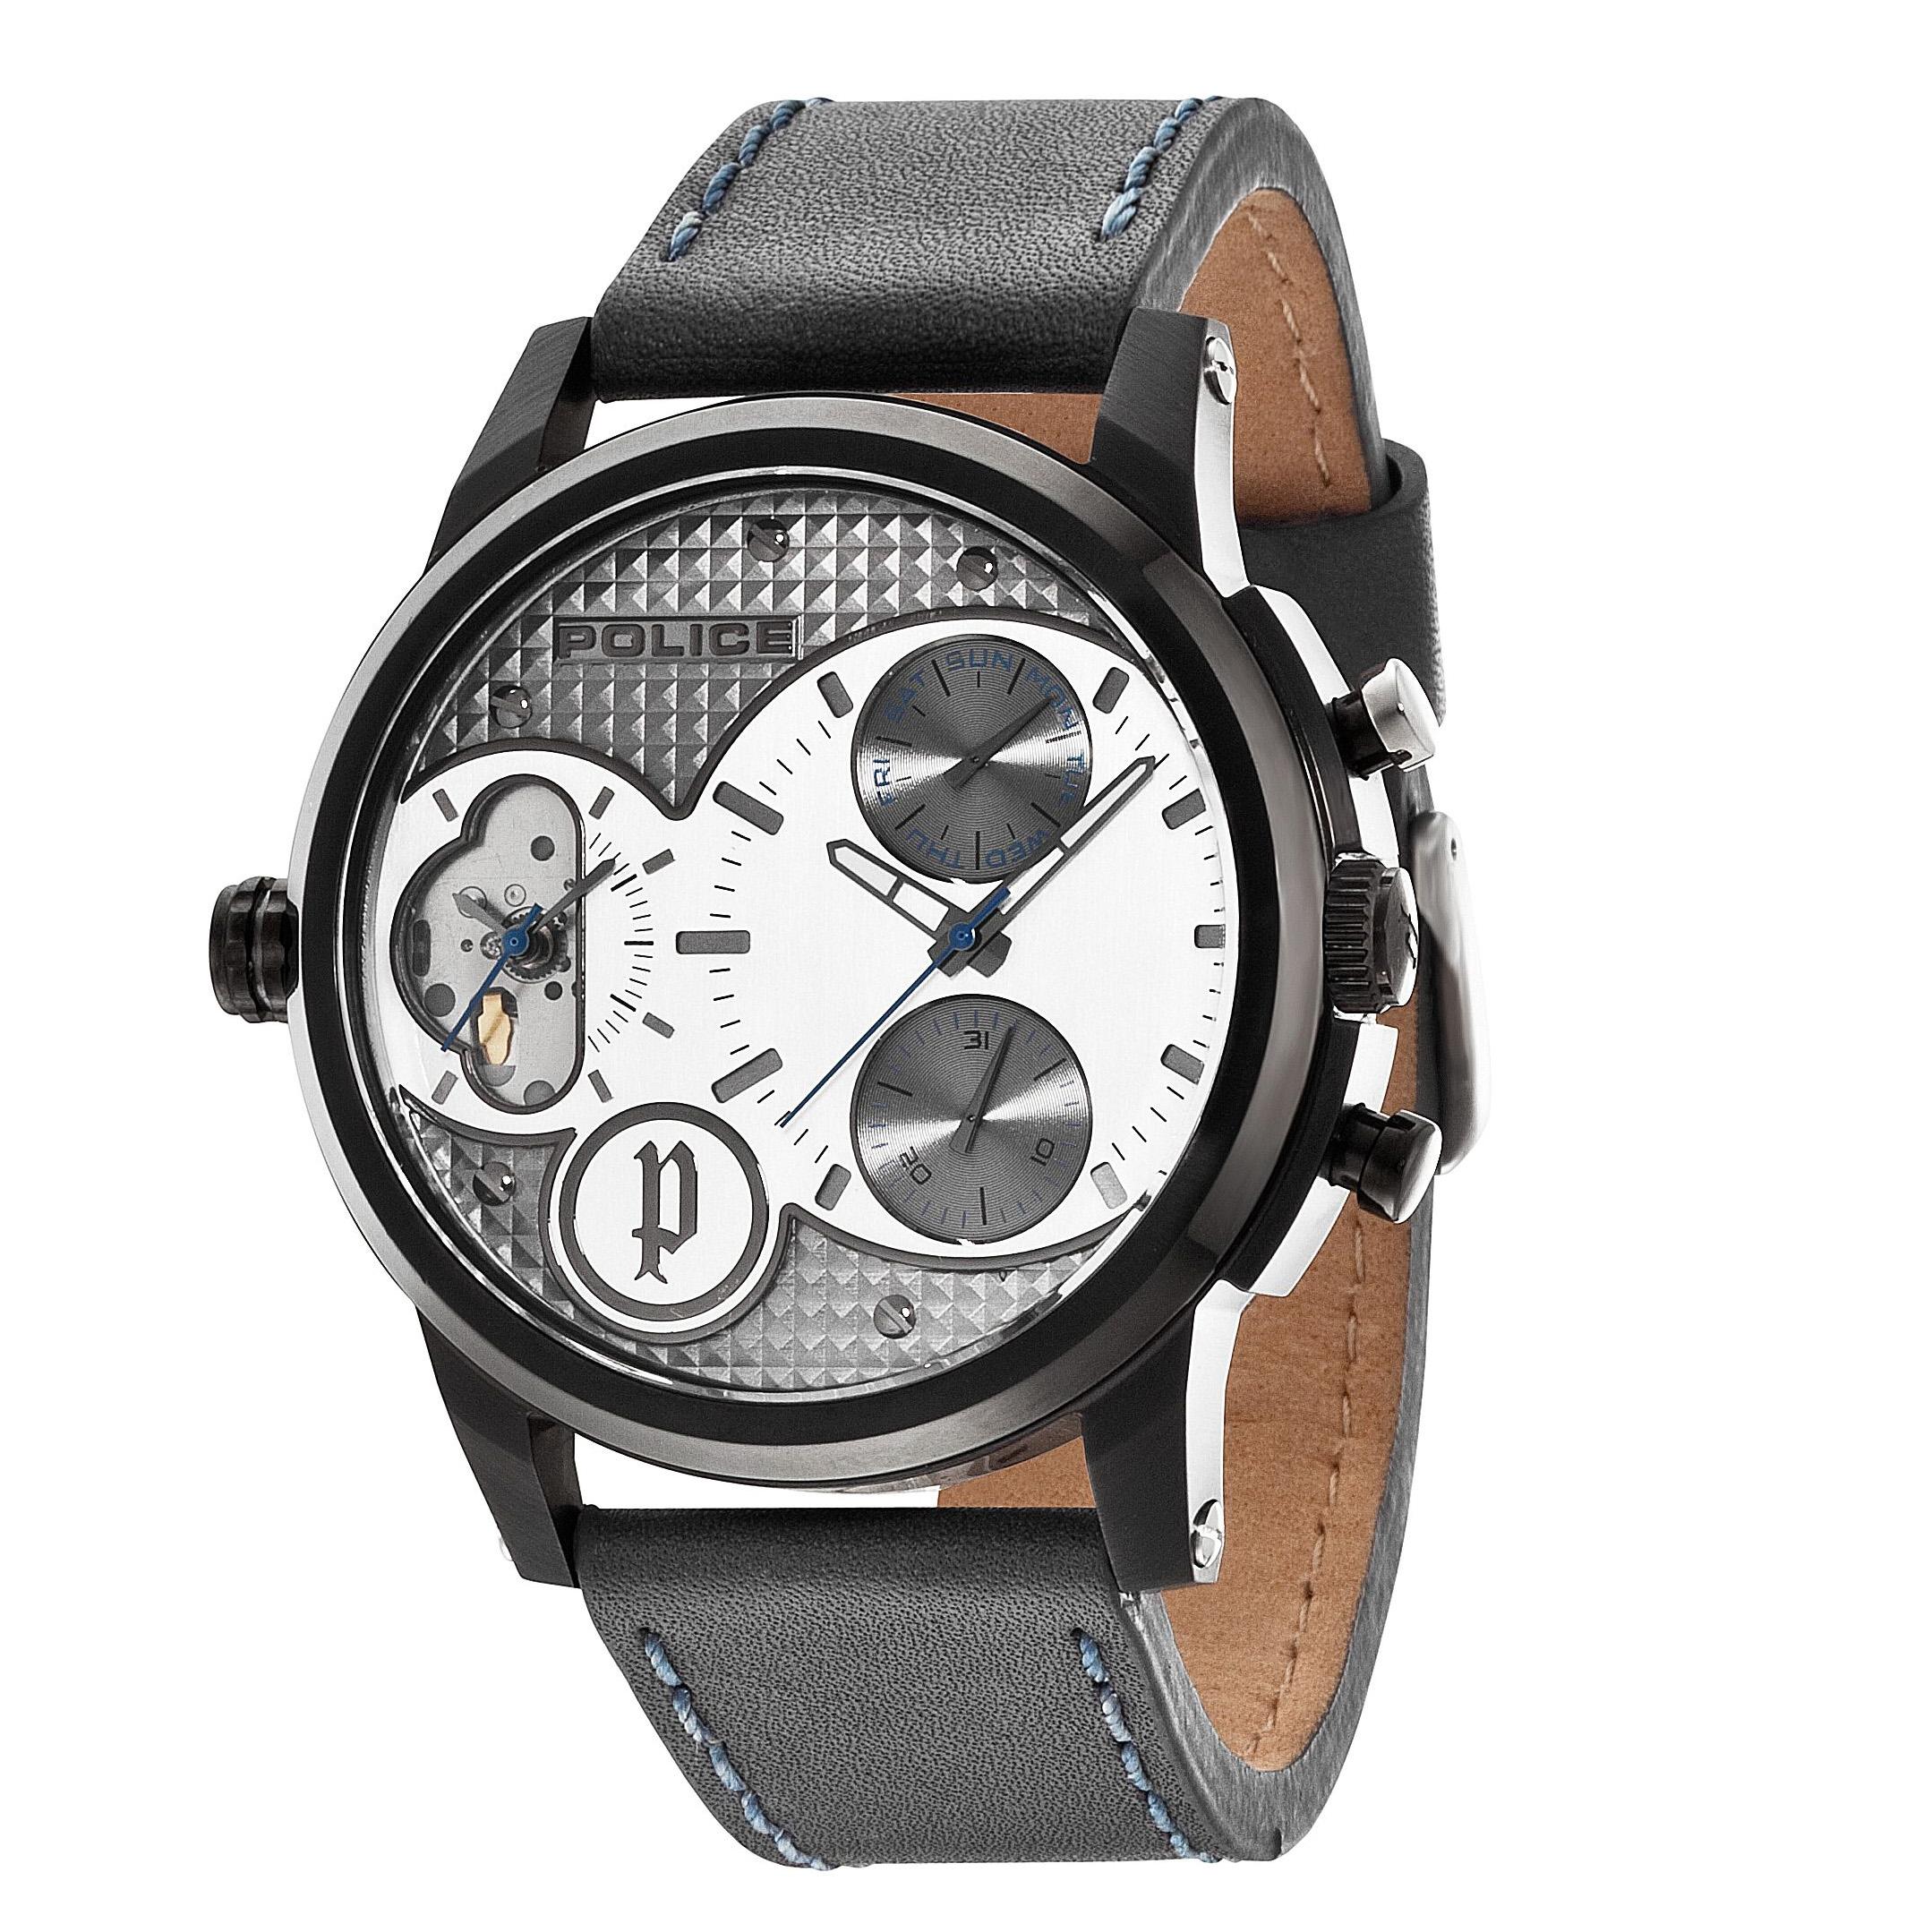 ポリス腕時計 DIAMONDBACK ダイアモンドバック グレー&シルバー【14376JSB-04】